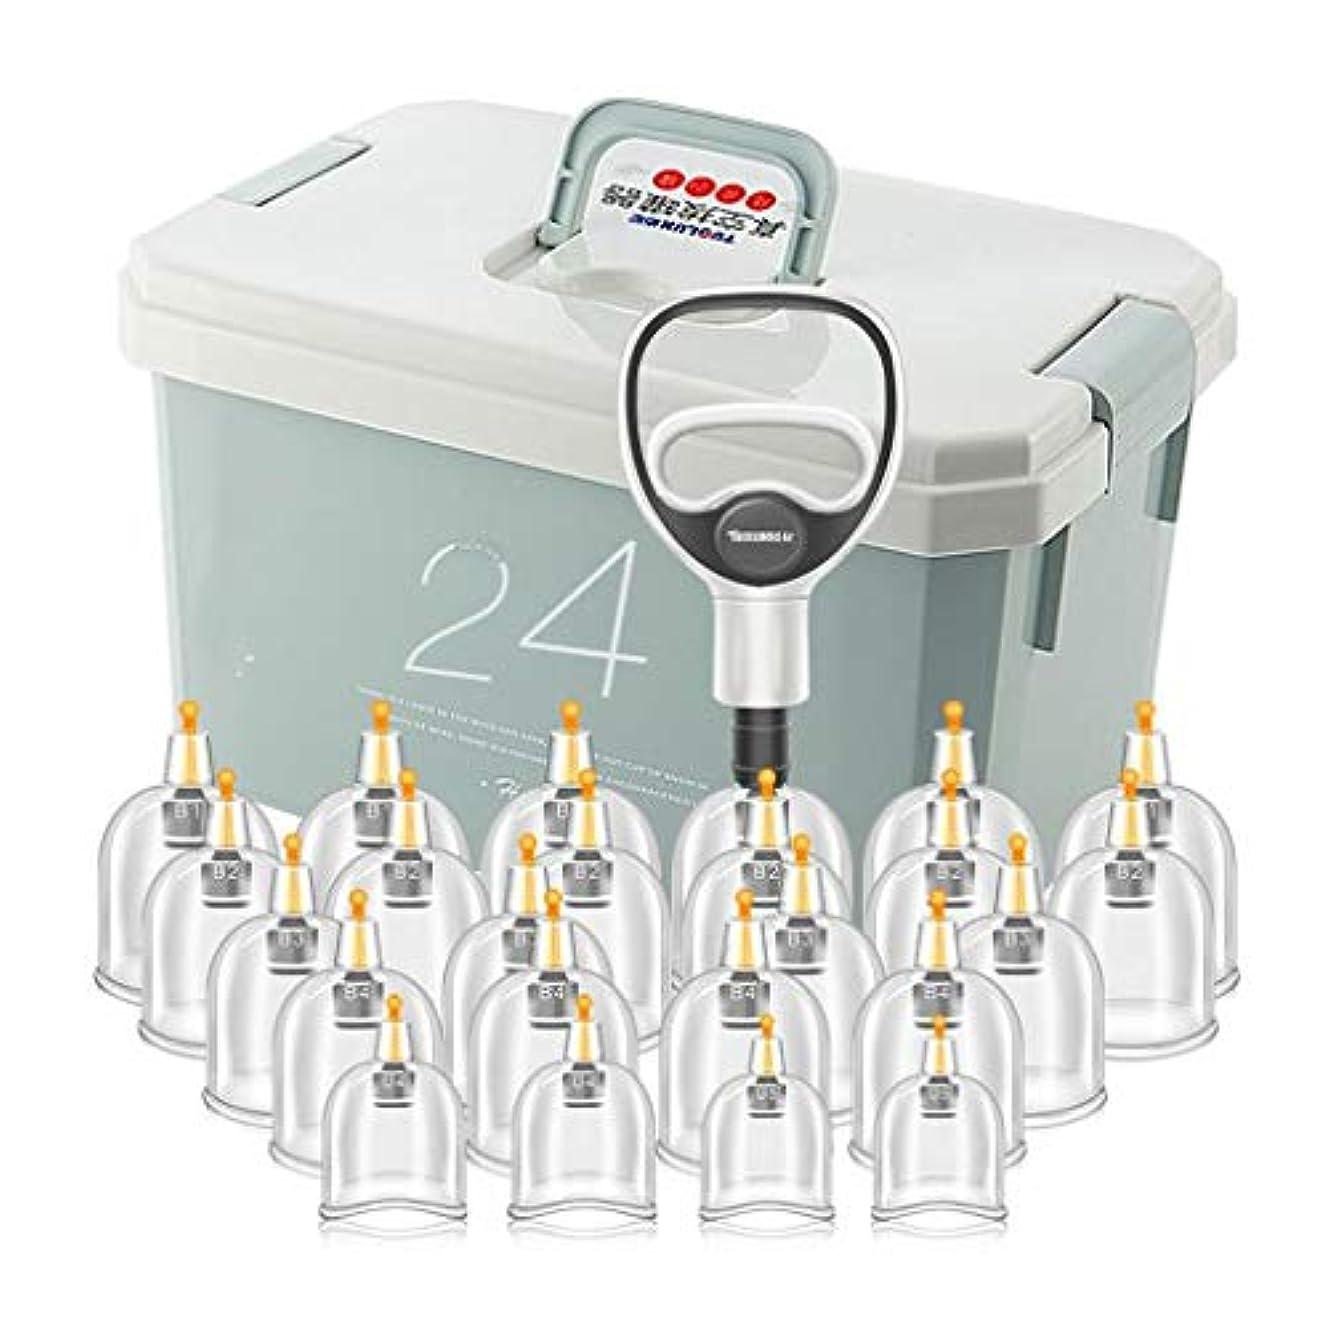 契約した価格北医学ボックスストレージギフトボックスをポンピングポンピングハンドル24個のカップバキュームを持つプロのカッピング治療装置の設定